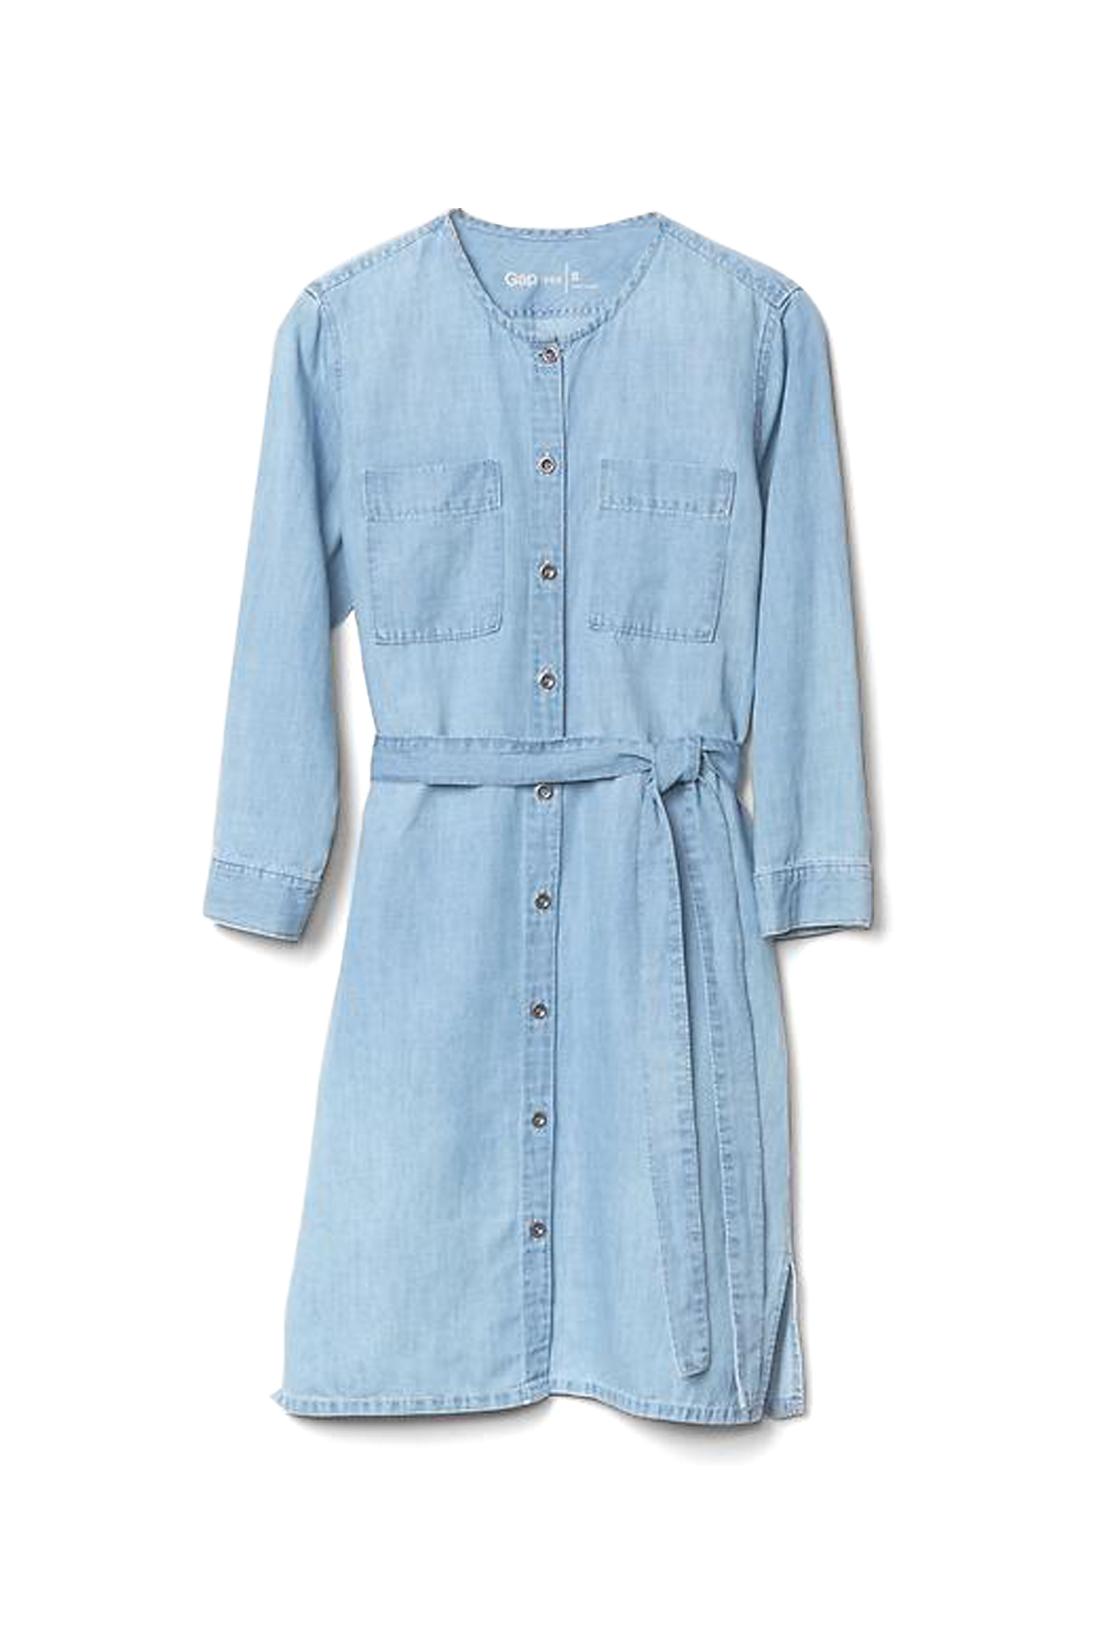 06-spring-denim-trends-dresses-03.jpg